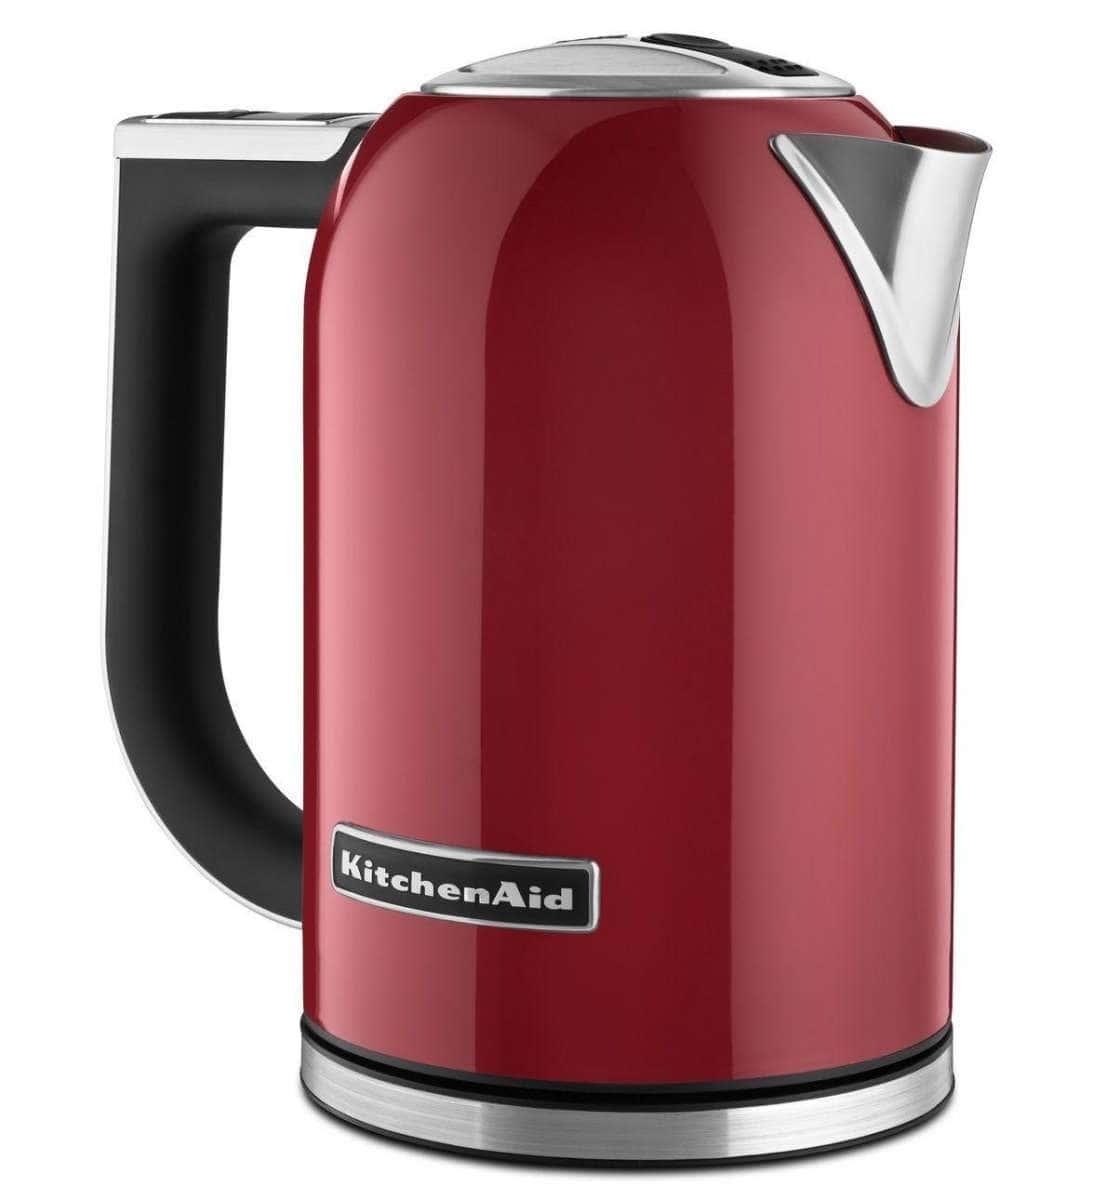 Ấm đun nước siêu tốc điện tử KitchenAid 1,7 lít màu đỏ 5KEK1722EER-01